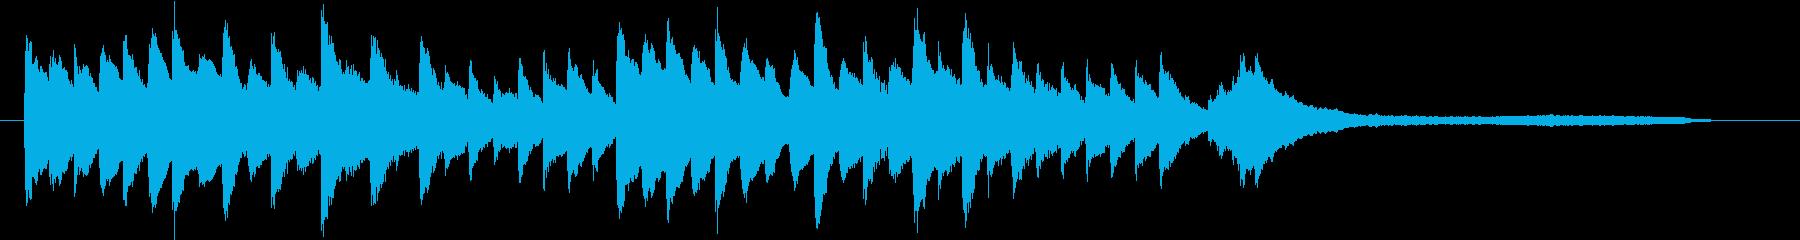 結婚式効果音_ブーケ01の再生済みの波形